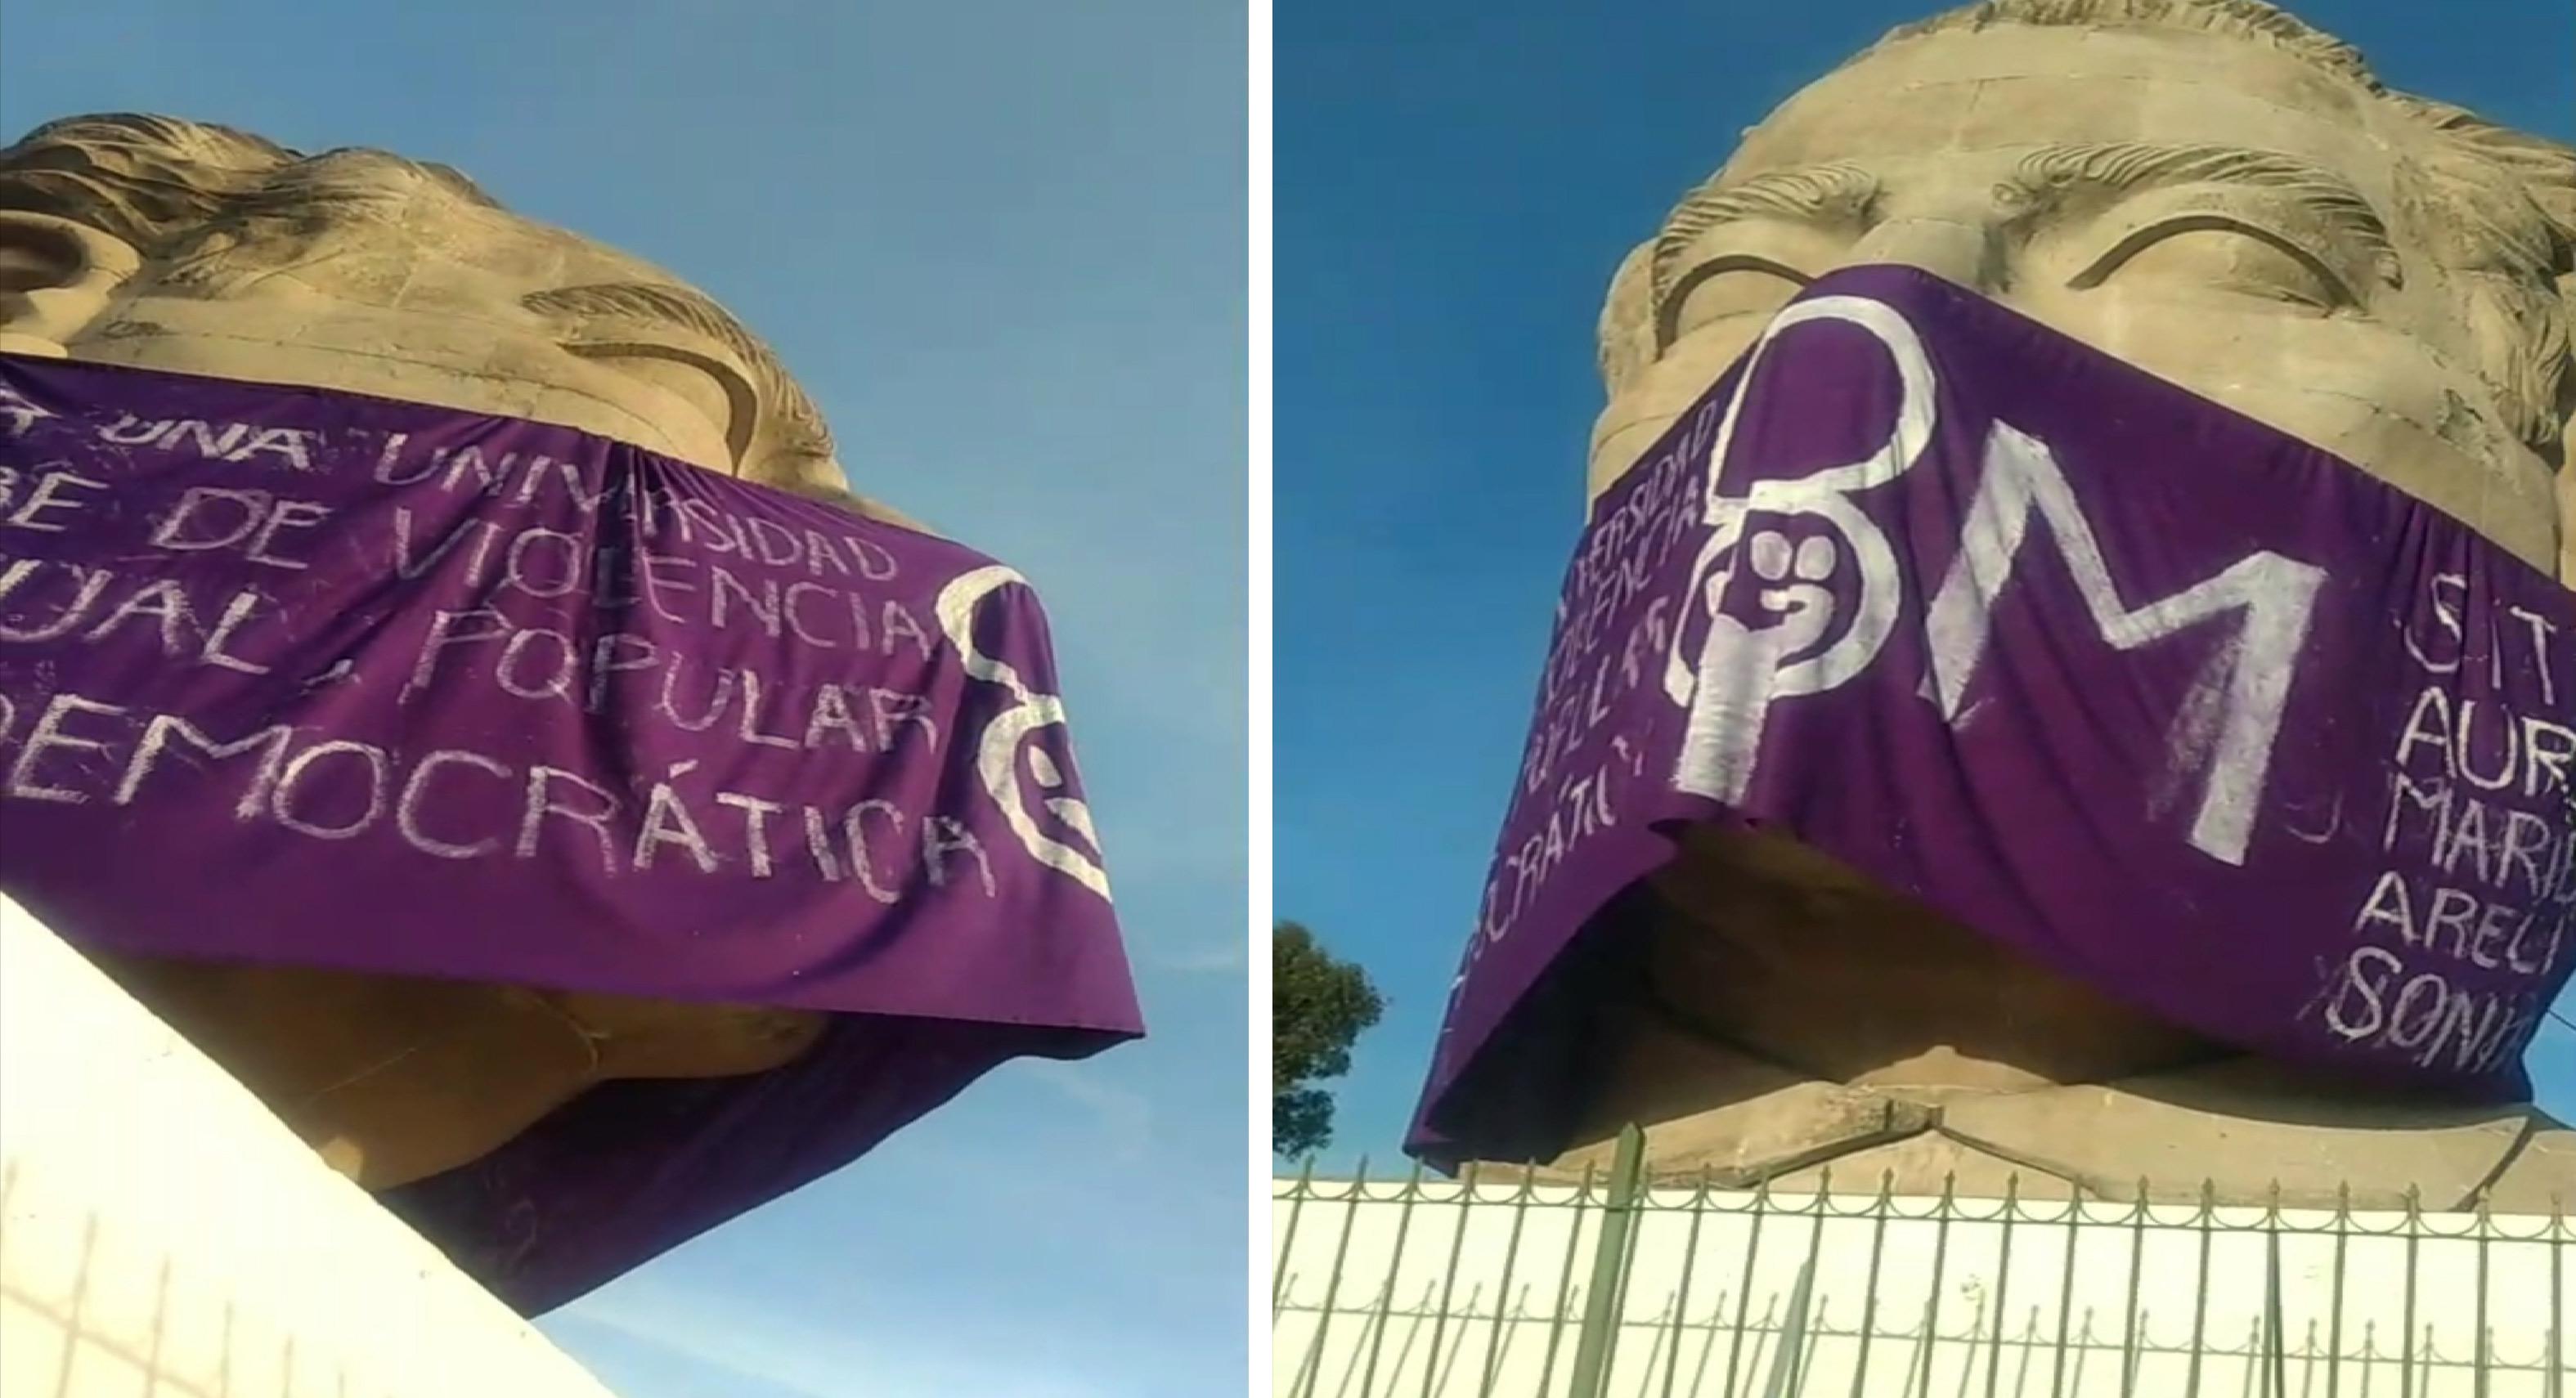 8M || Intervienen busto de Adolfo López Mateos en la UAEMex en el día de la mujer en la universidad autónoma del estado de mexico, acoso uaemex